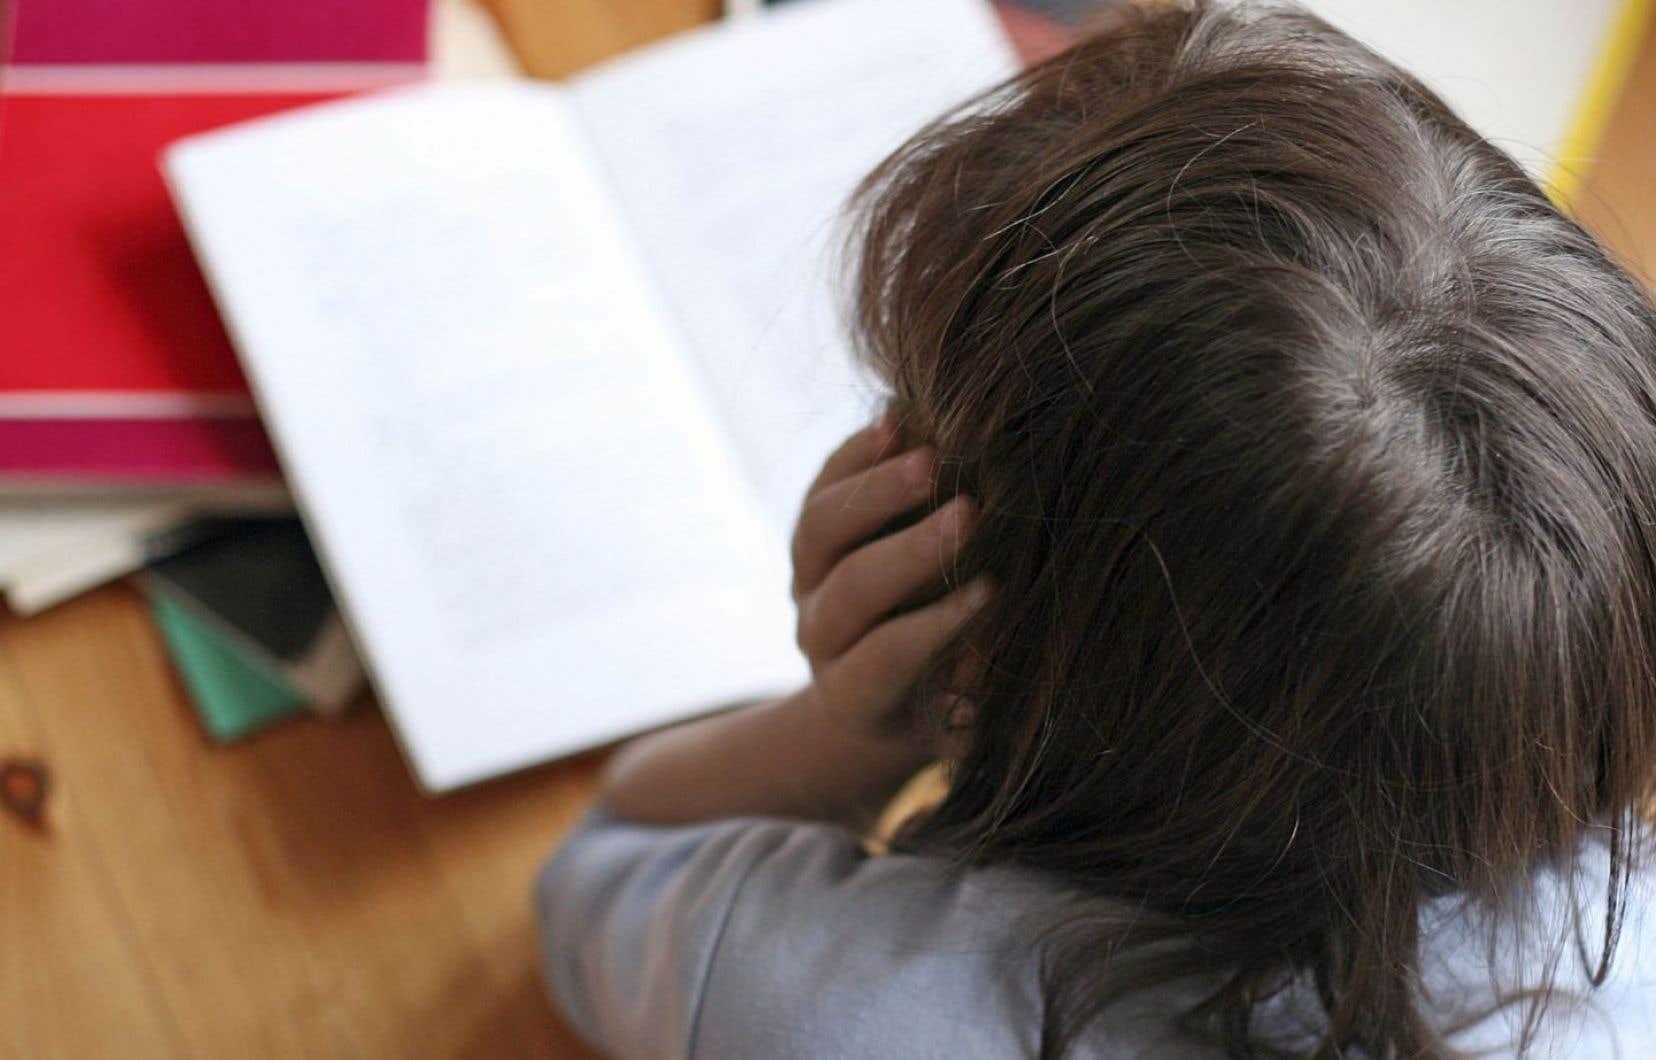 Le ministre de l'Éducation a déposé vendredi un projet de loi pour mieux répondre aux exigences de la Loi sur l'instruction publique.